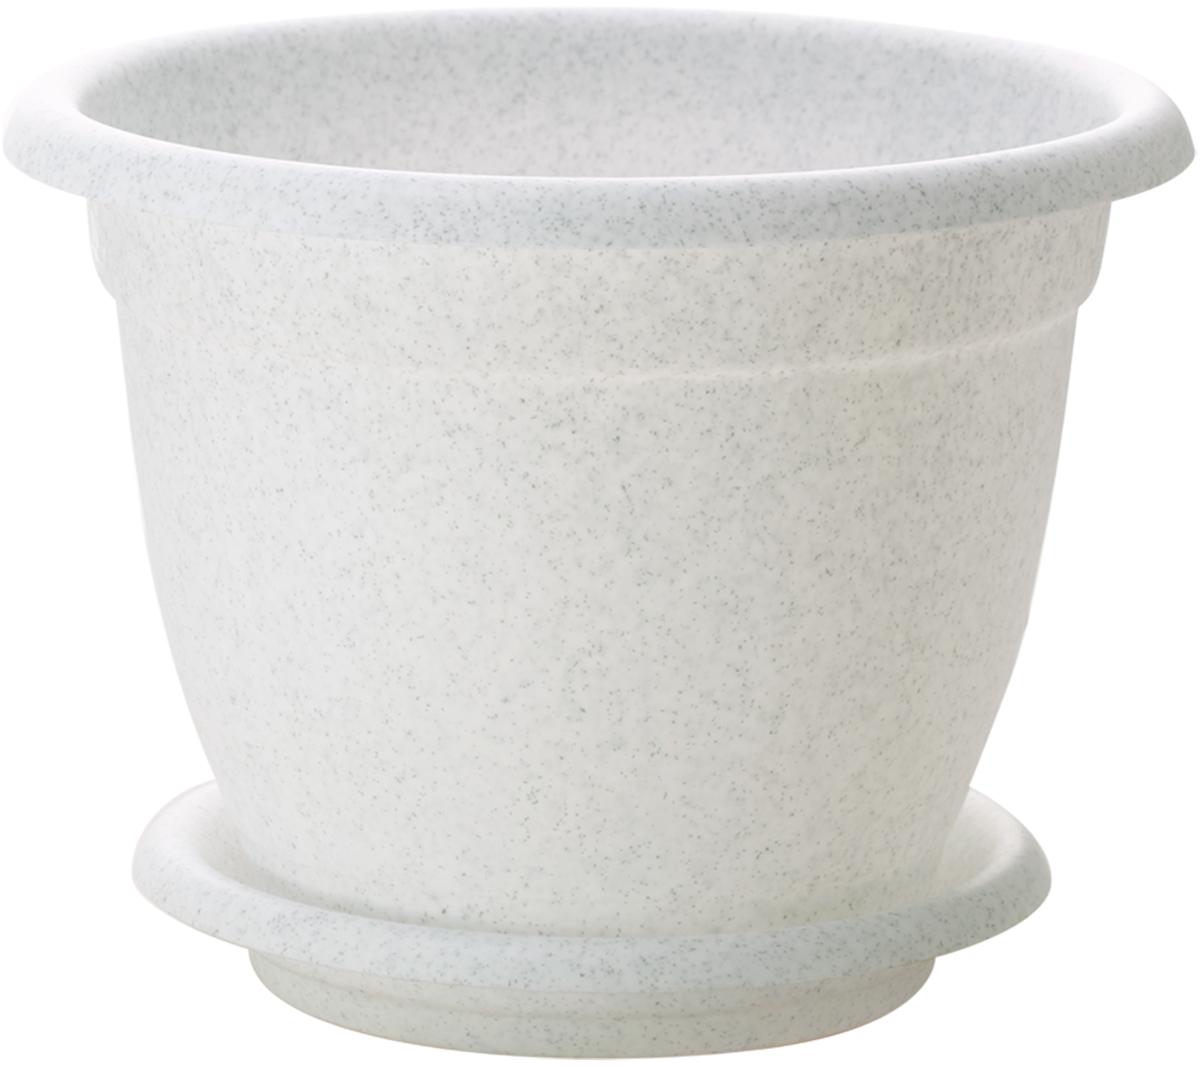 Горшок для цветов InGreen Борнео, с поддоном, цвет: мраморный, диаметр 24 смING42024FМРЦветочный горшок InGreen Борнео, выполненный из полипропилена, предназначен для выращивания в нем цветов, растений и трав. Такой горшок порадует вас современным дизайном и функциональностью, а также оригинально украсит интерьер помещения. К горшку прилагается круглый поддон. Диаметр горшка: 24 см. Высота горшка: 18,5 см. Диаметр поддона: 19 см.